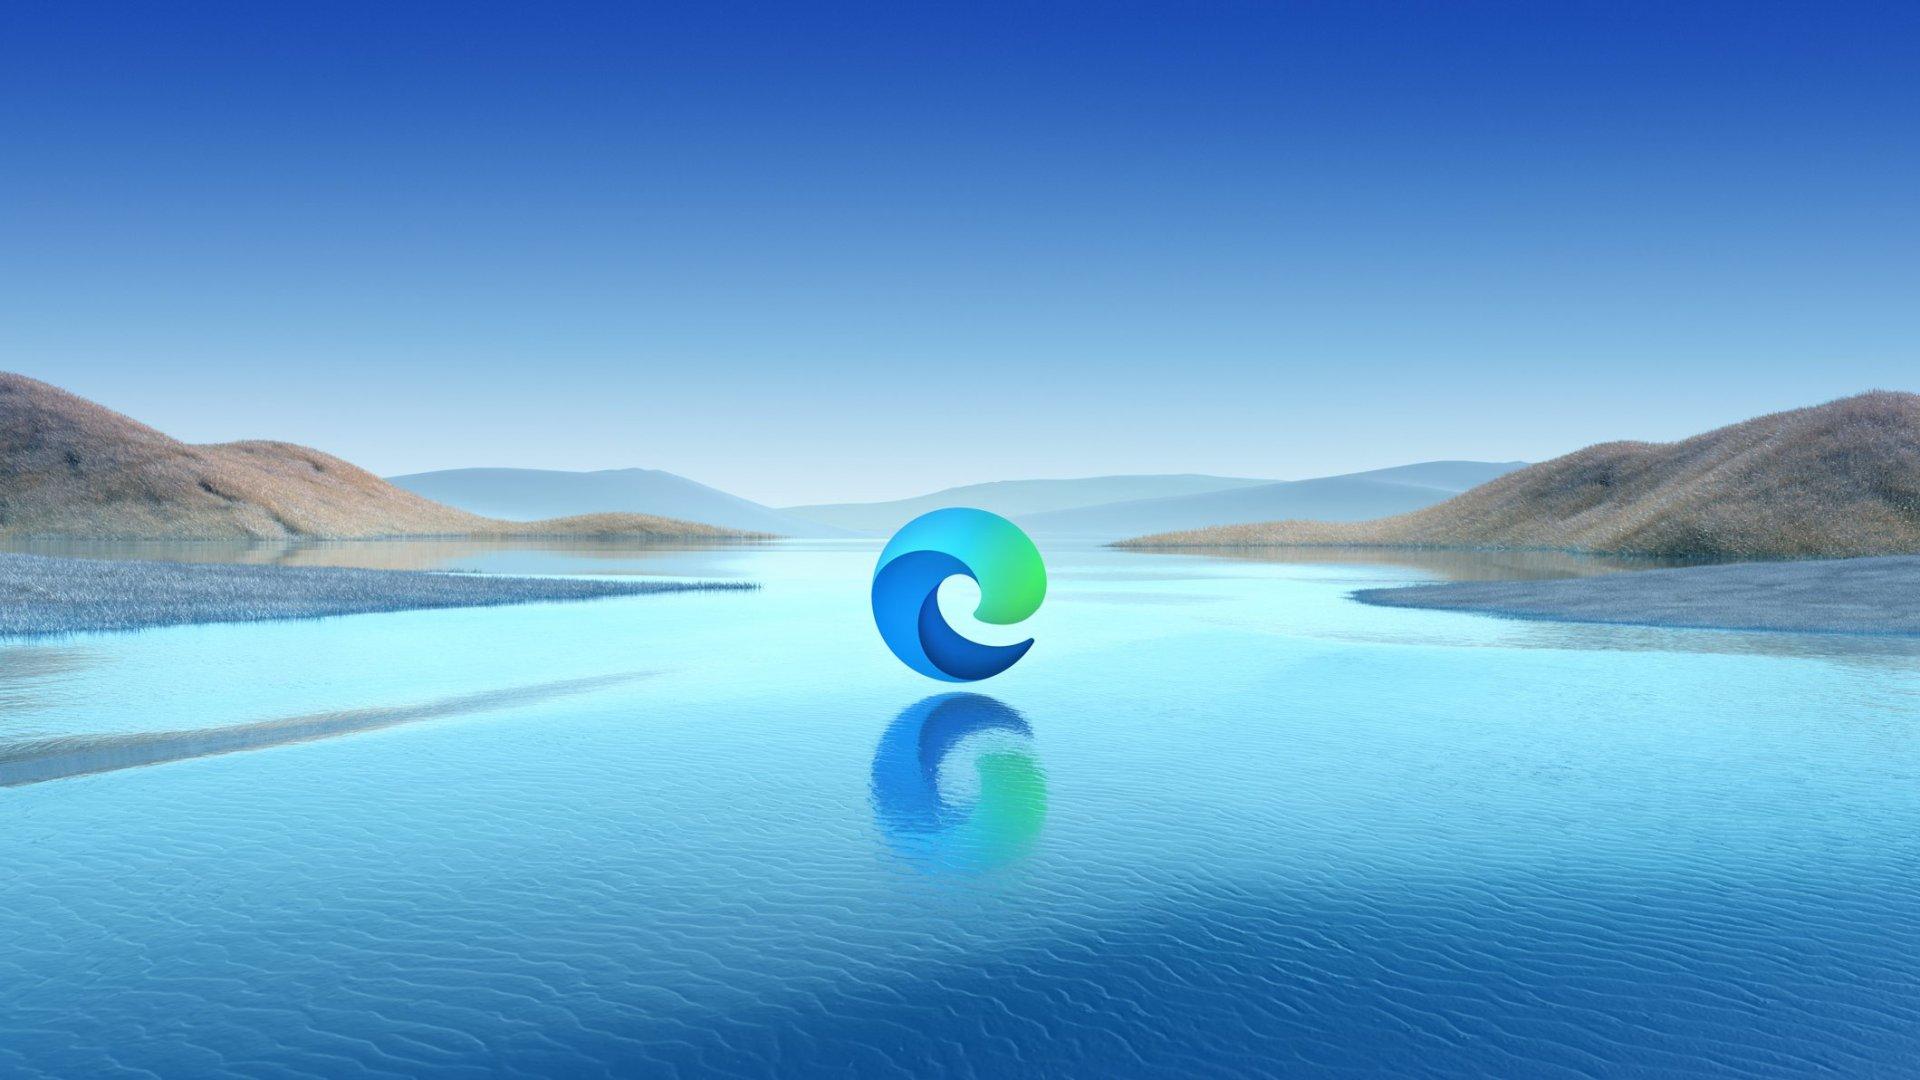 #Microsoft,#Edge,#Browser,Ratgeber,Tipps,Tricks,Hilfe,Anleitungen,FAQ,Ratgeber,Edge Gutscheine...jpg